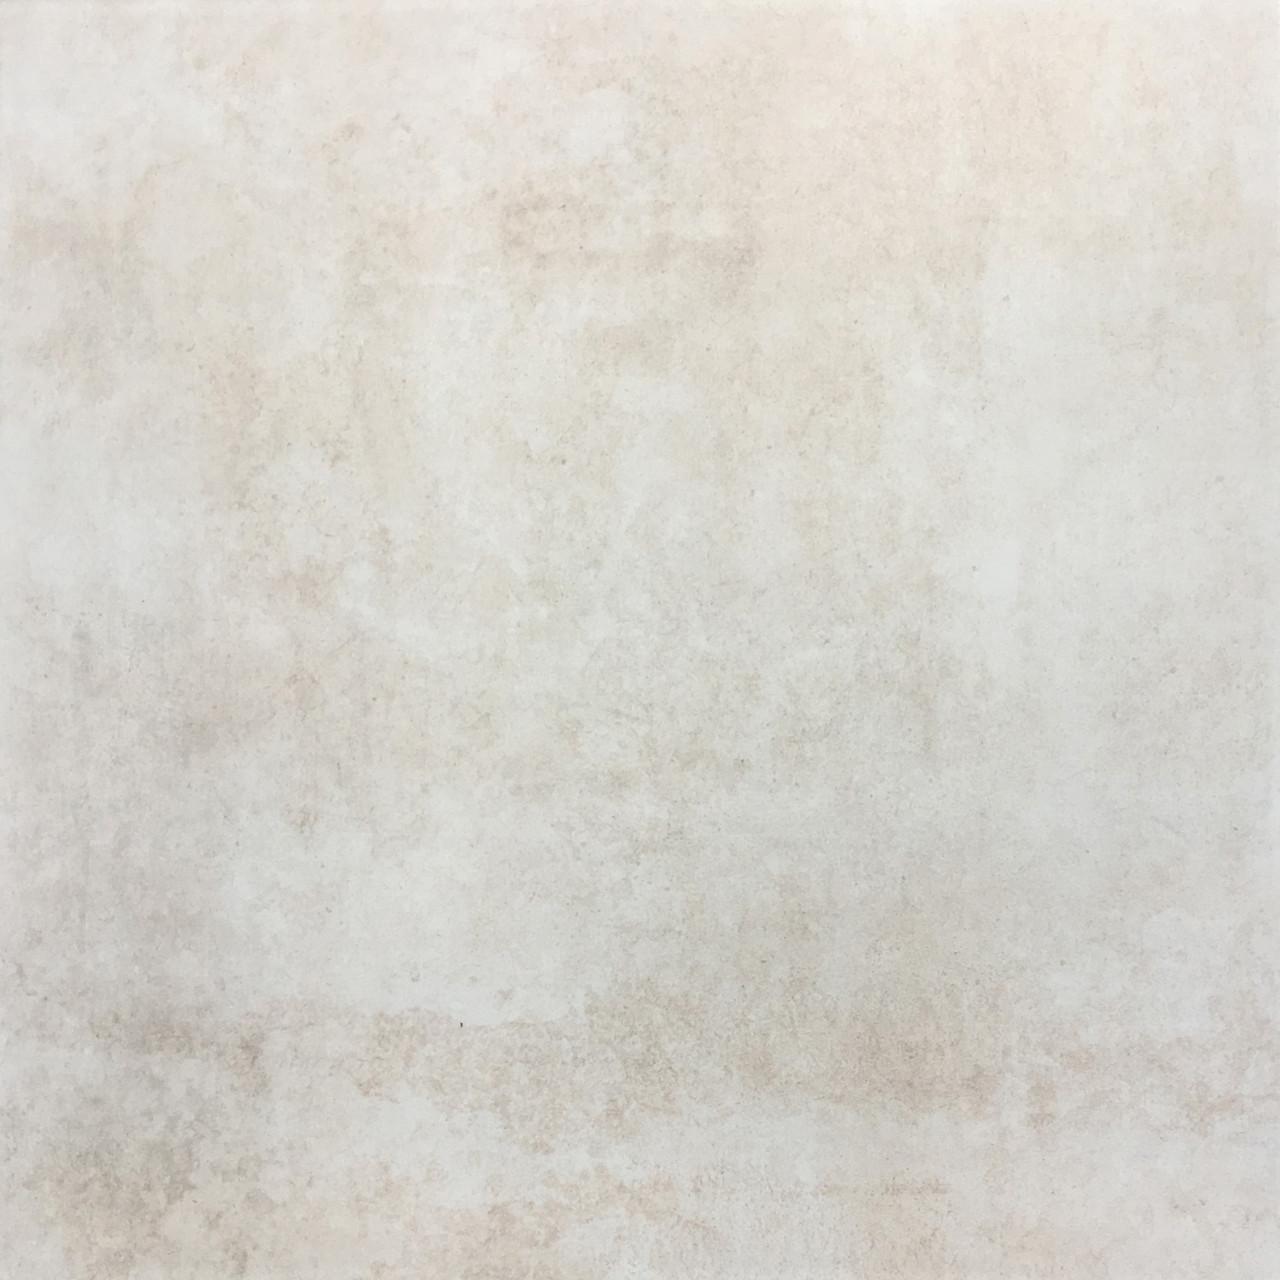 Плитка для пола ГРЕС 480x480 Varadero BС сорт S